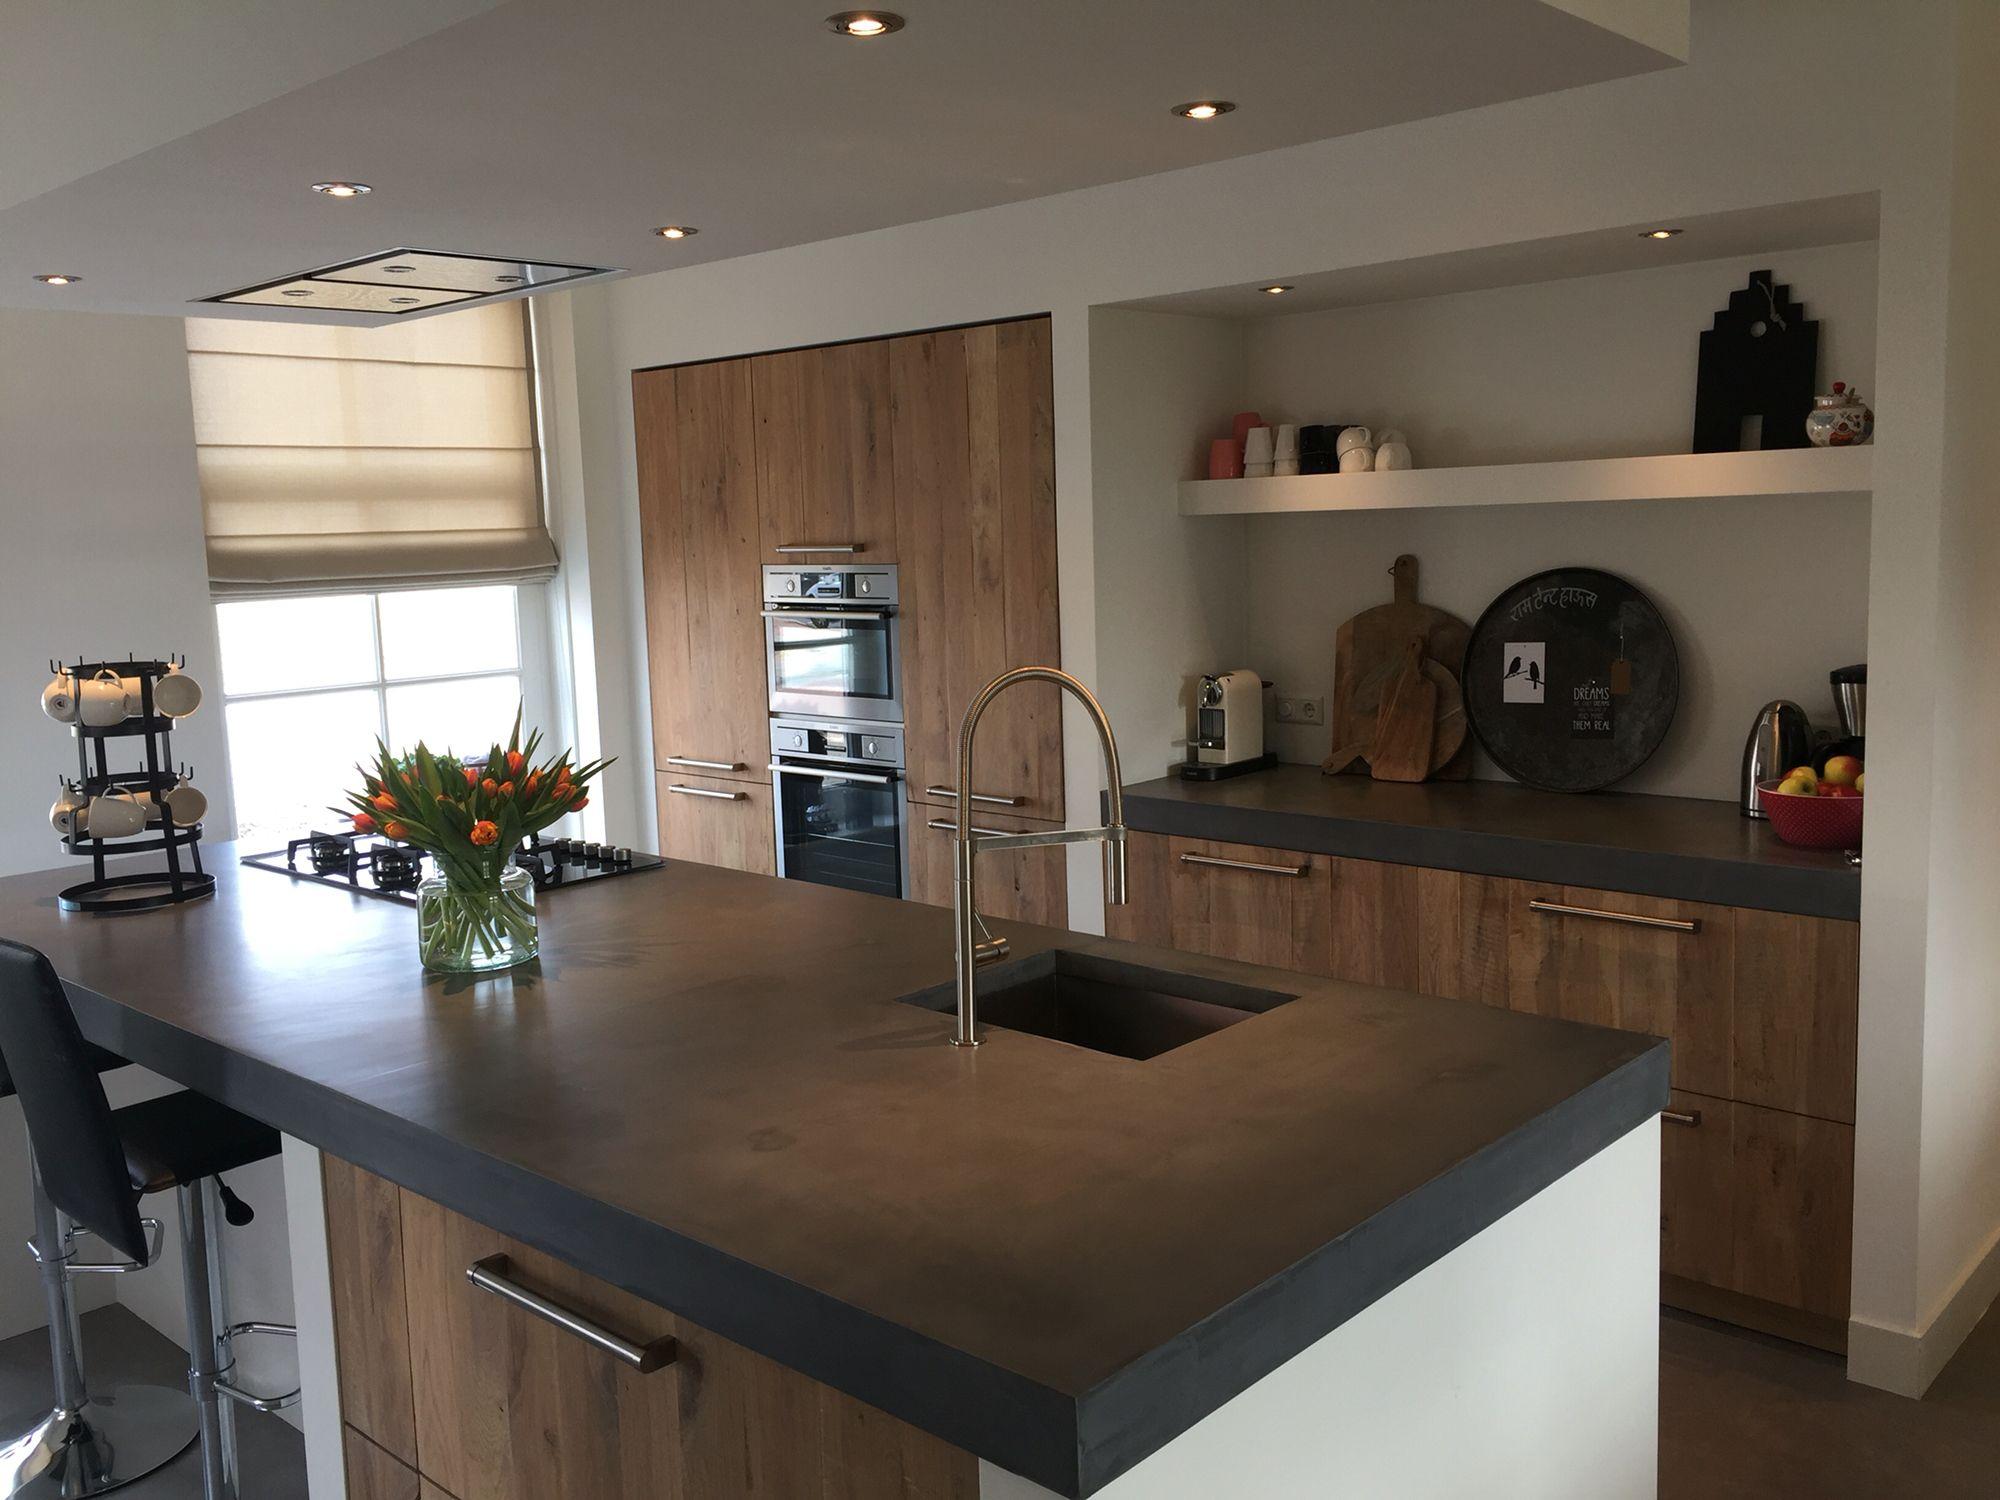 Beton Cire Keuken : Keuken met blad van beton cire en fronten van hout keuken